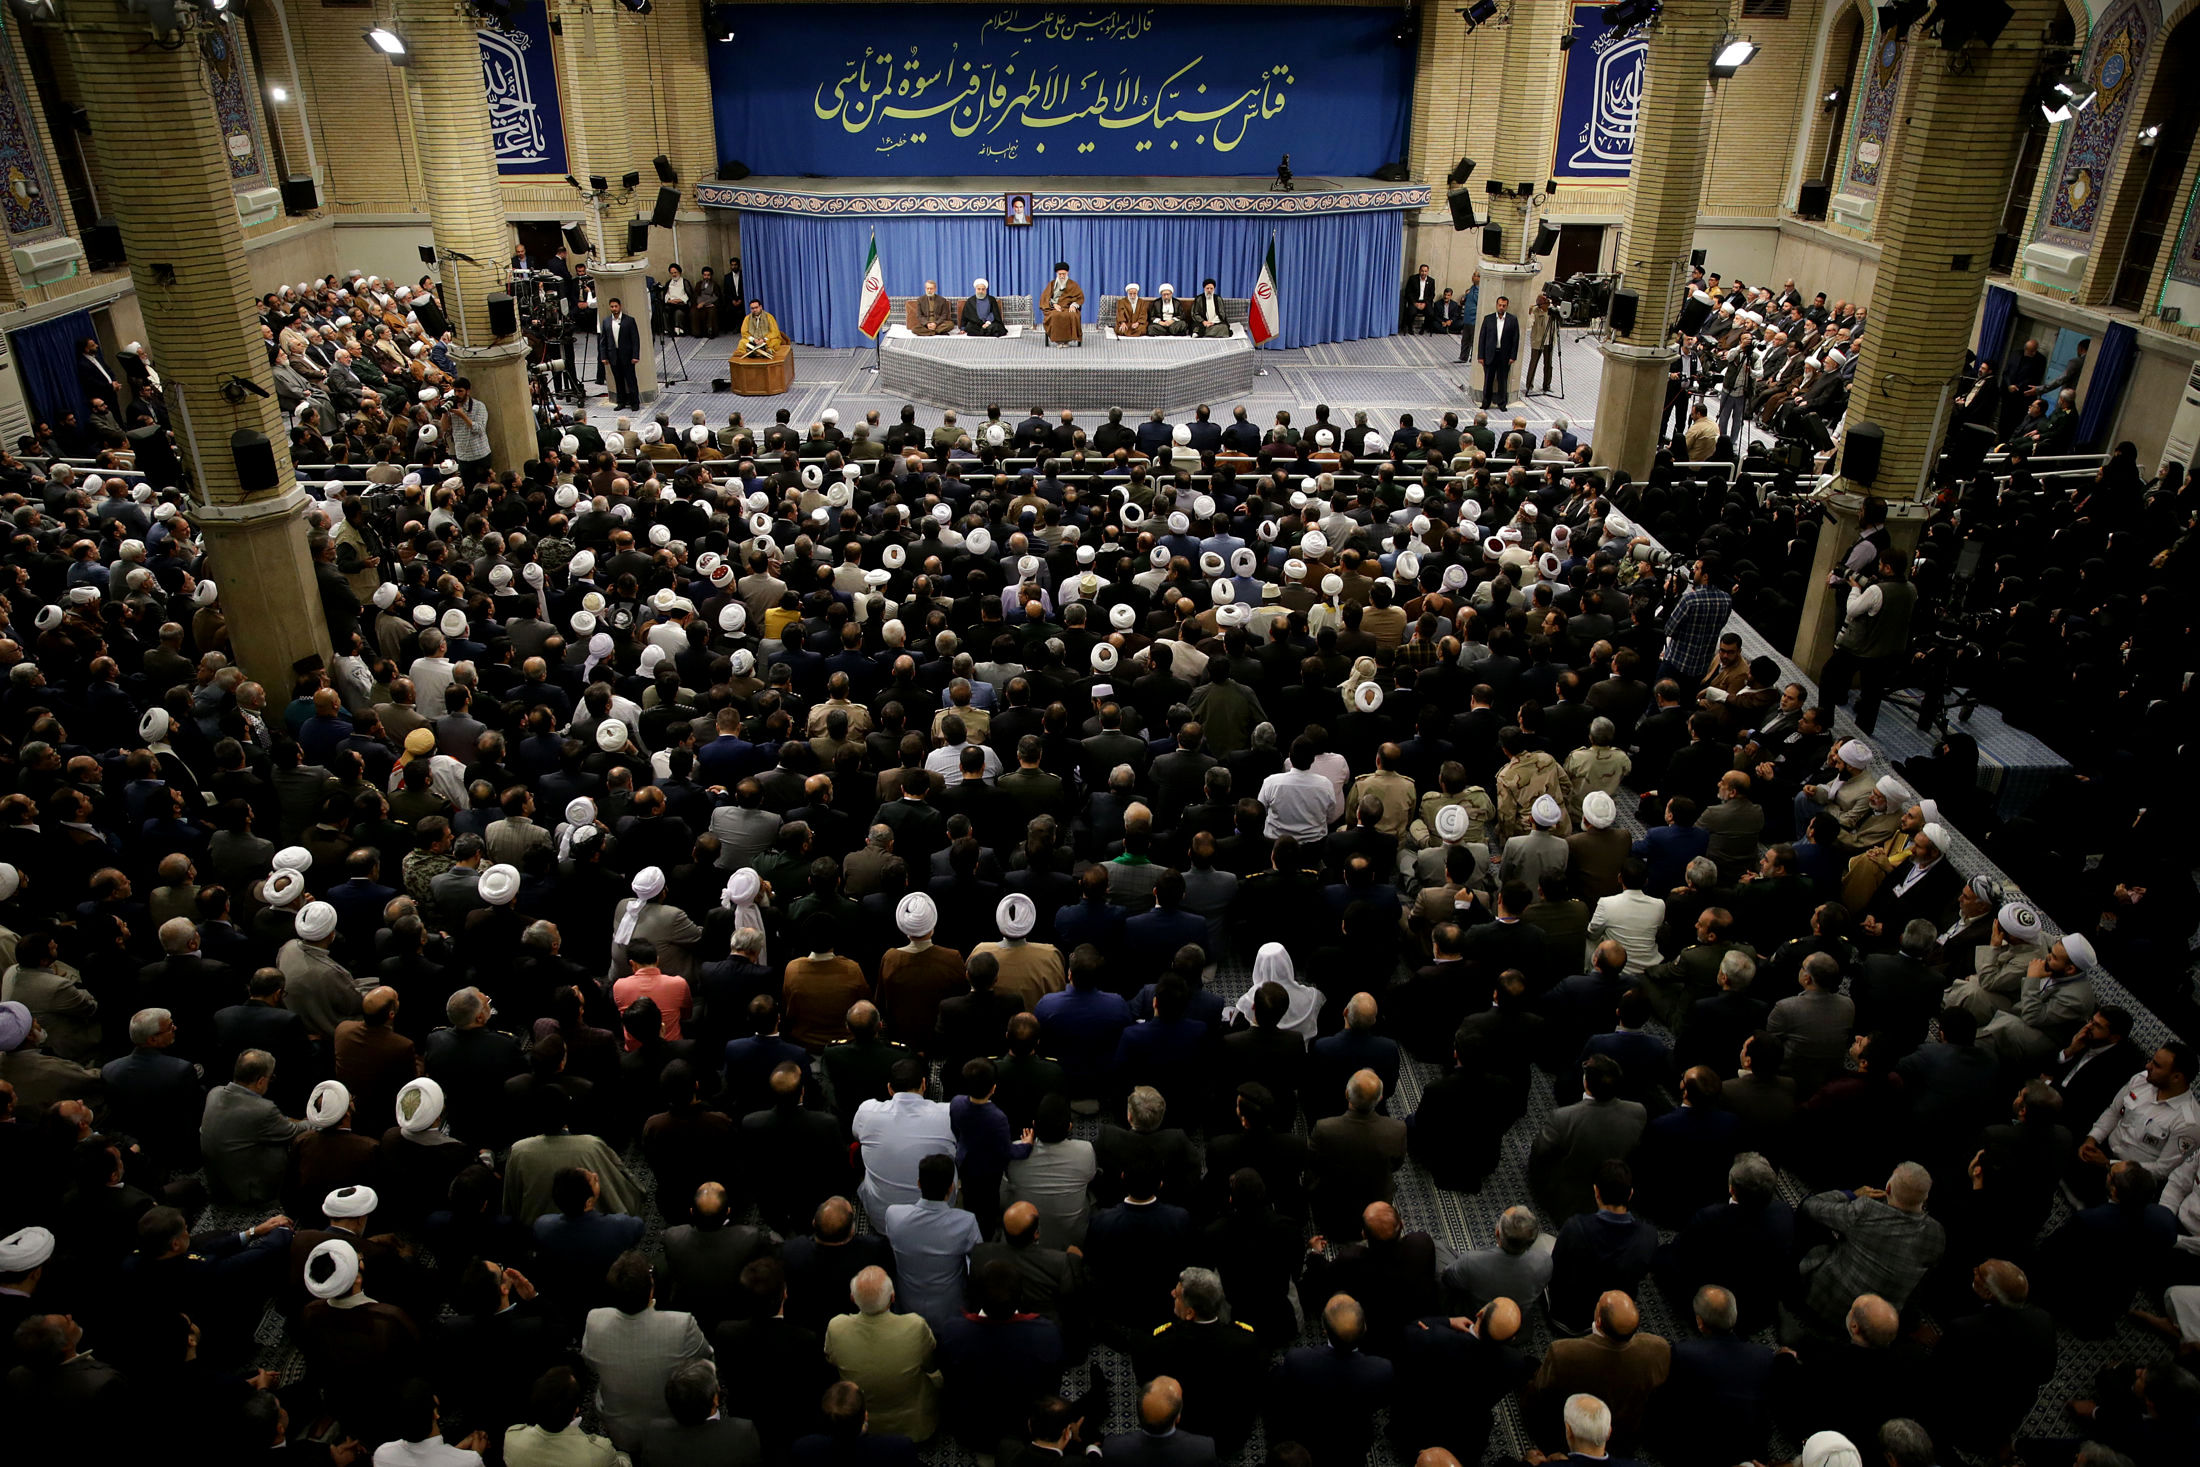 مهمانان کنفرانس وحدت اسلامی